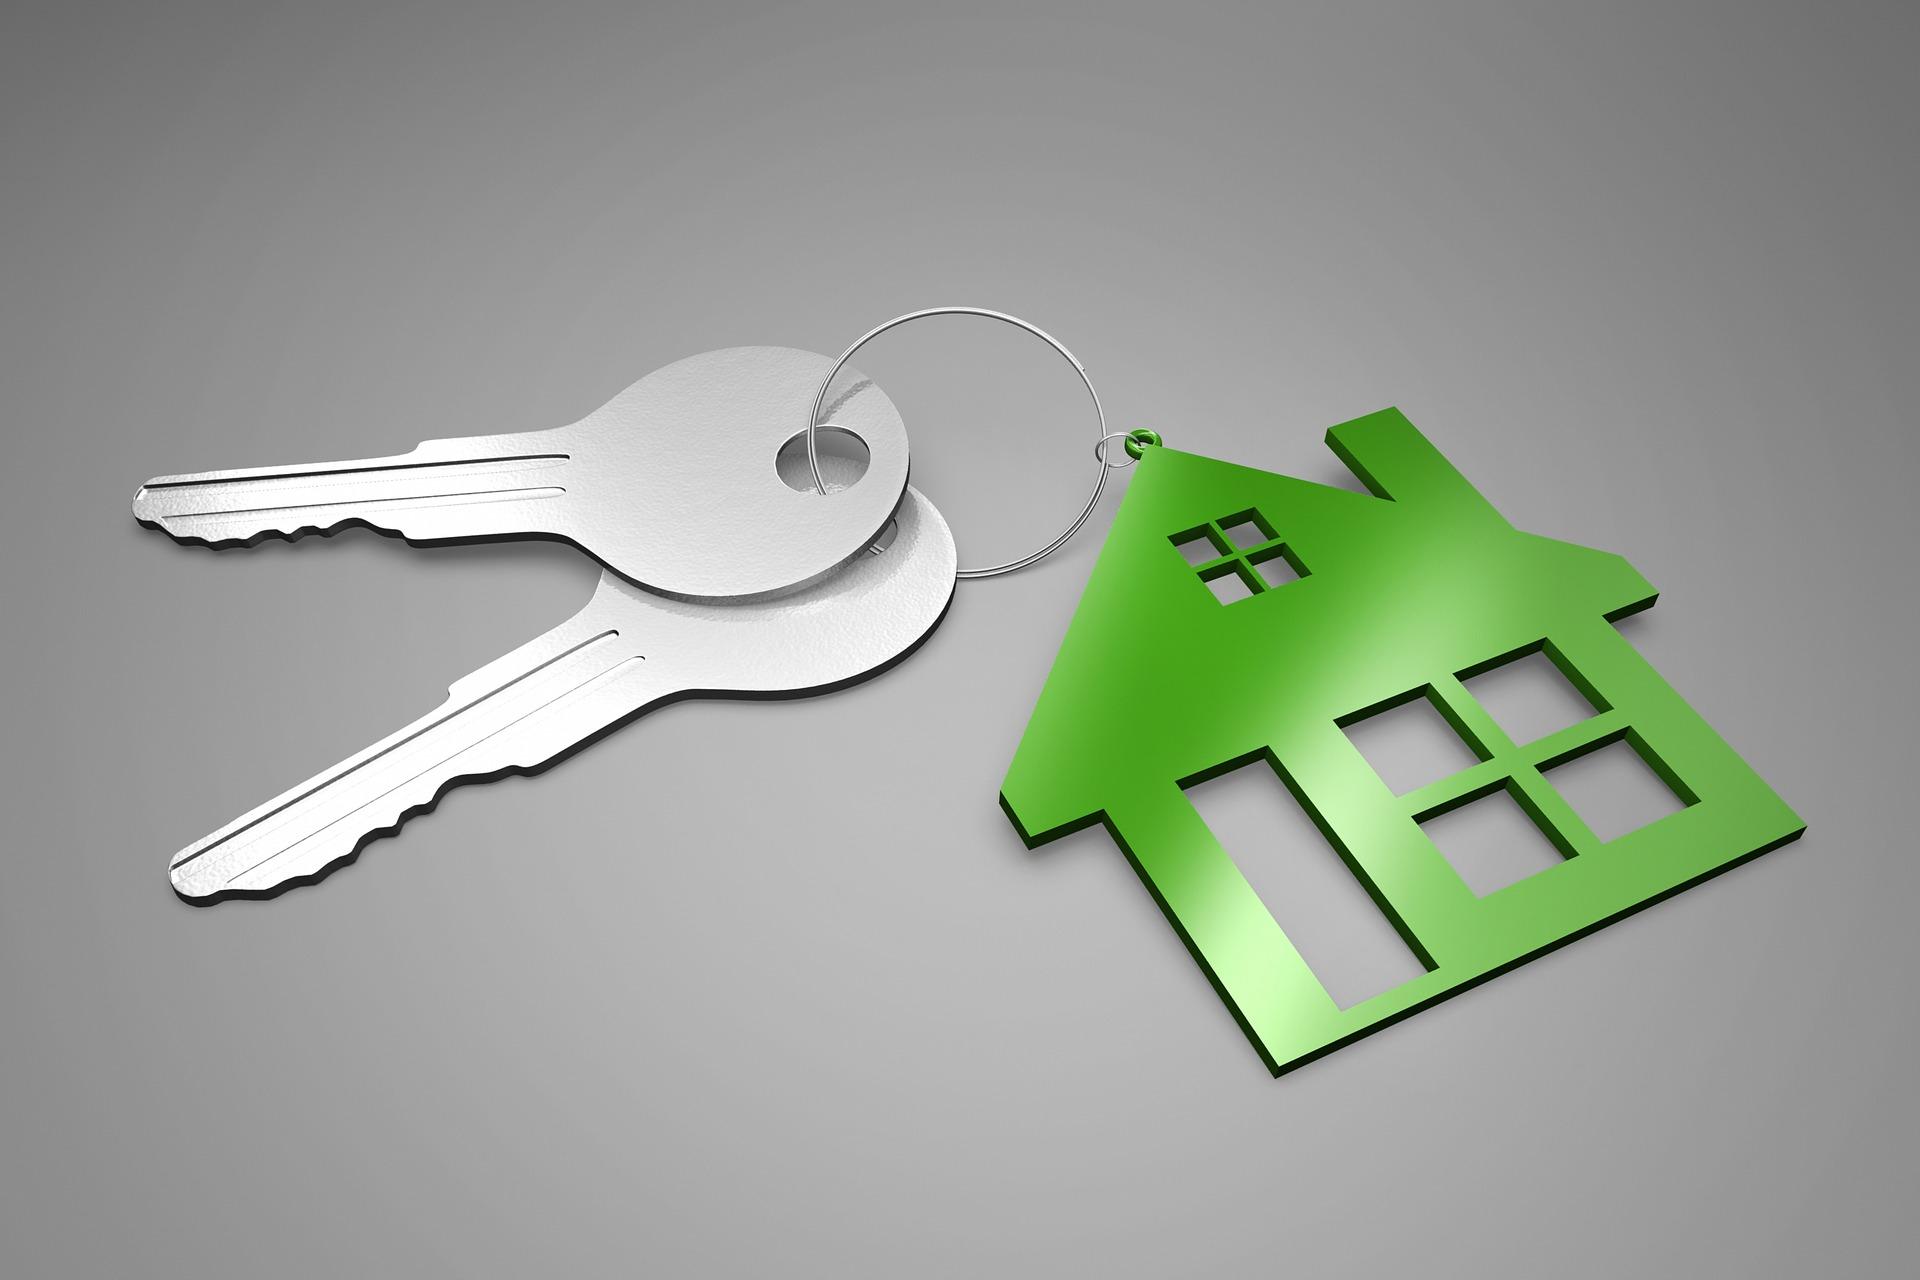 Ипотечният пазар в САЩ запазва позитивната тенденция през третото тримесечие